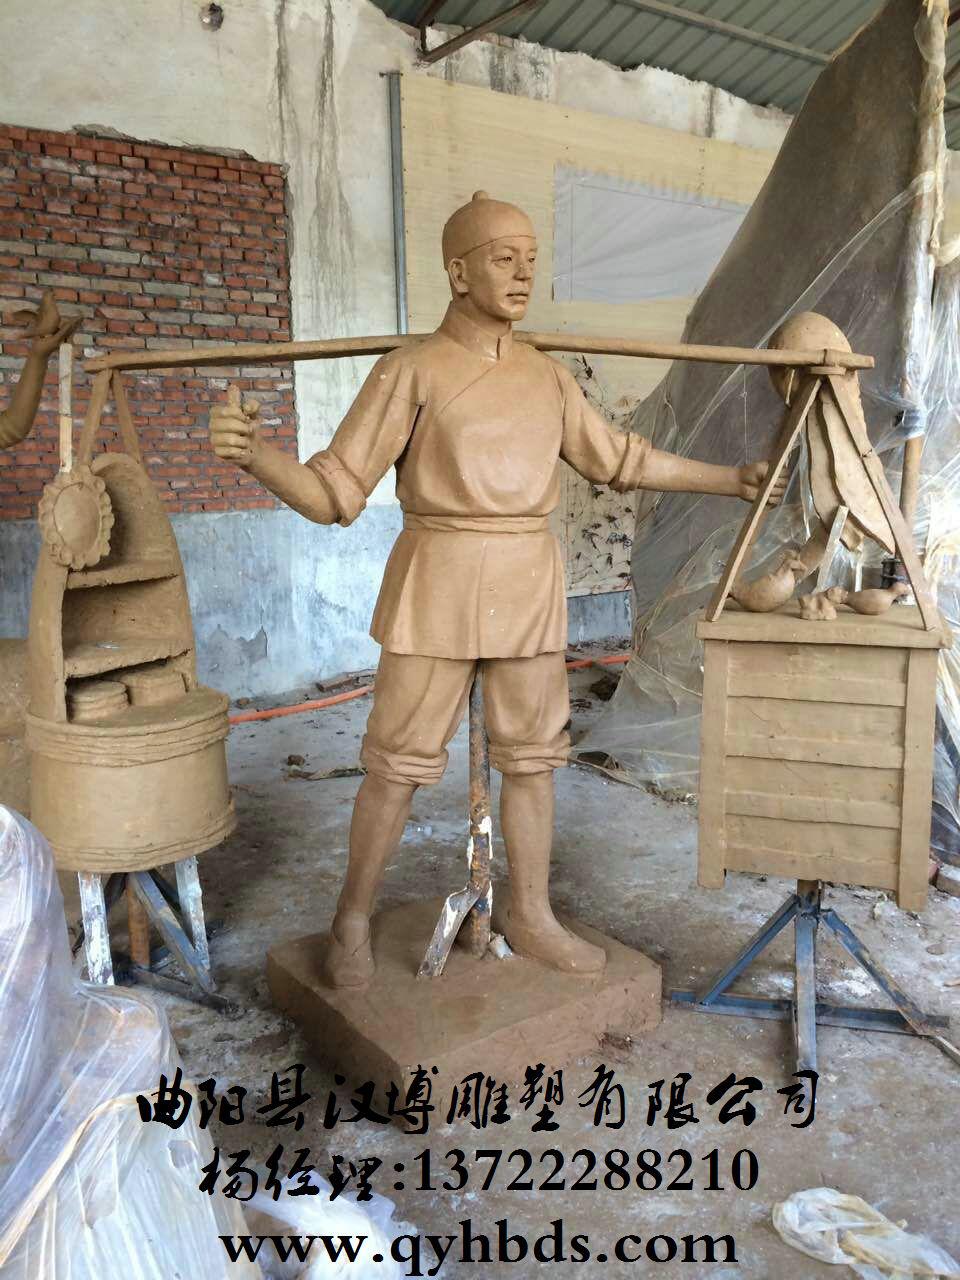 设计师3名,著名雕刻师3名,雕刻技师12名,雕刻工20名,在曲阳雕塑企业中